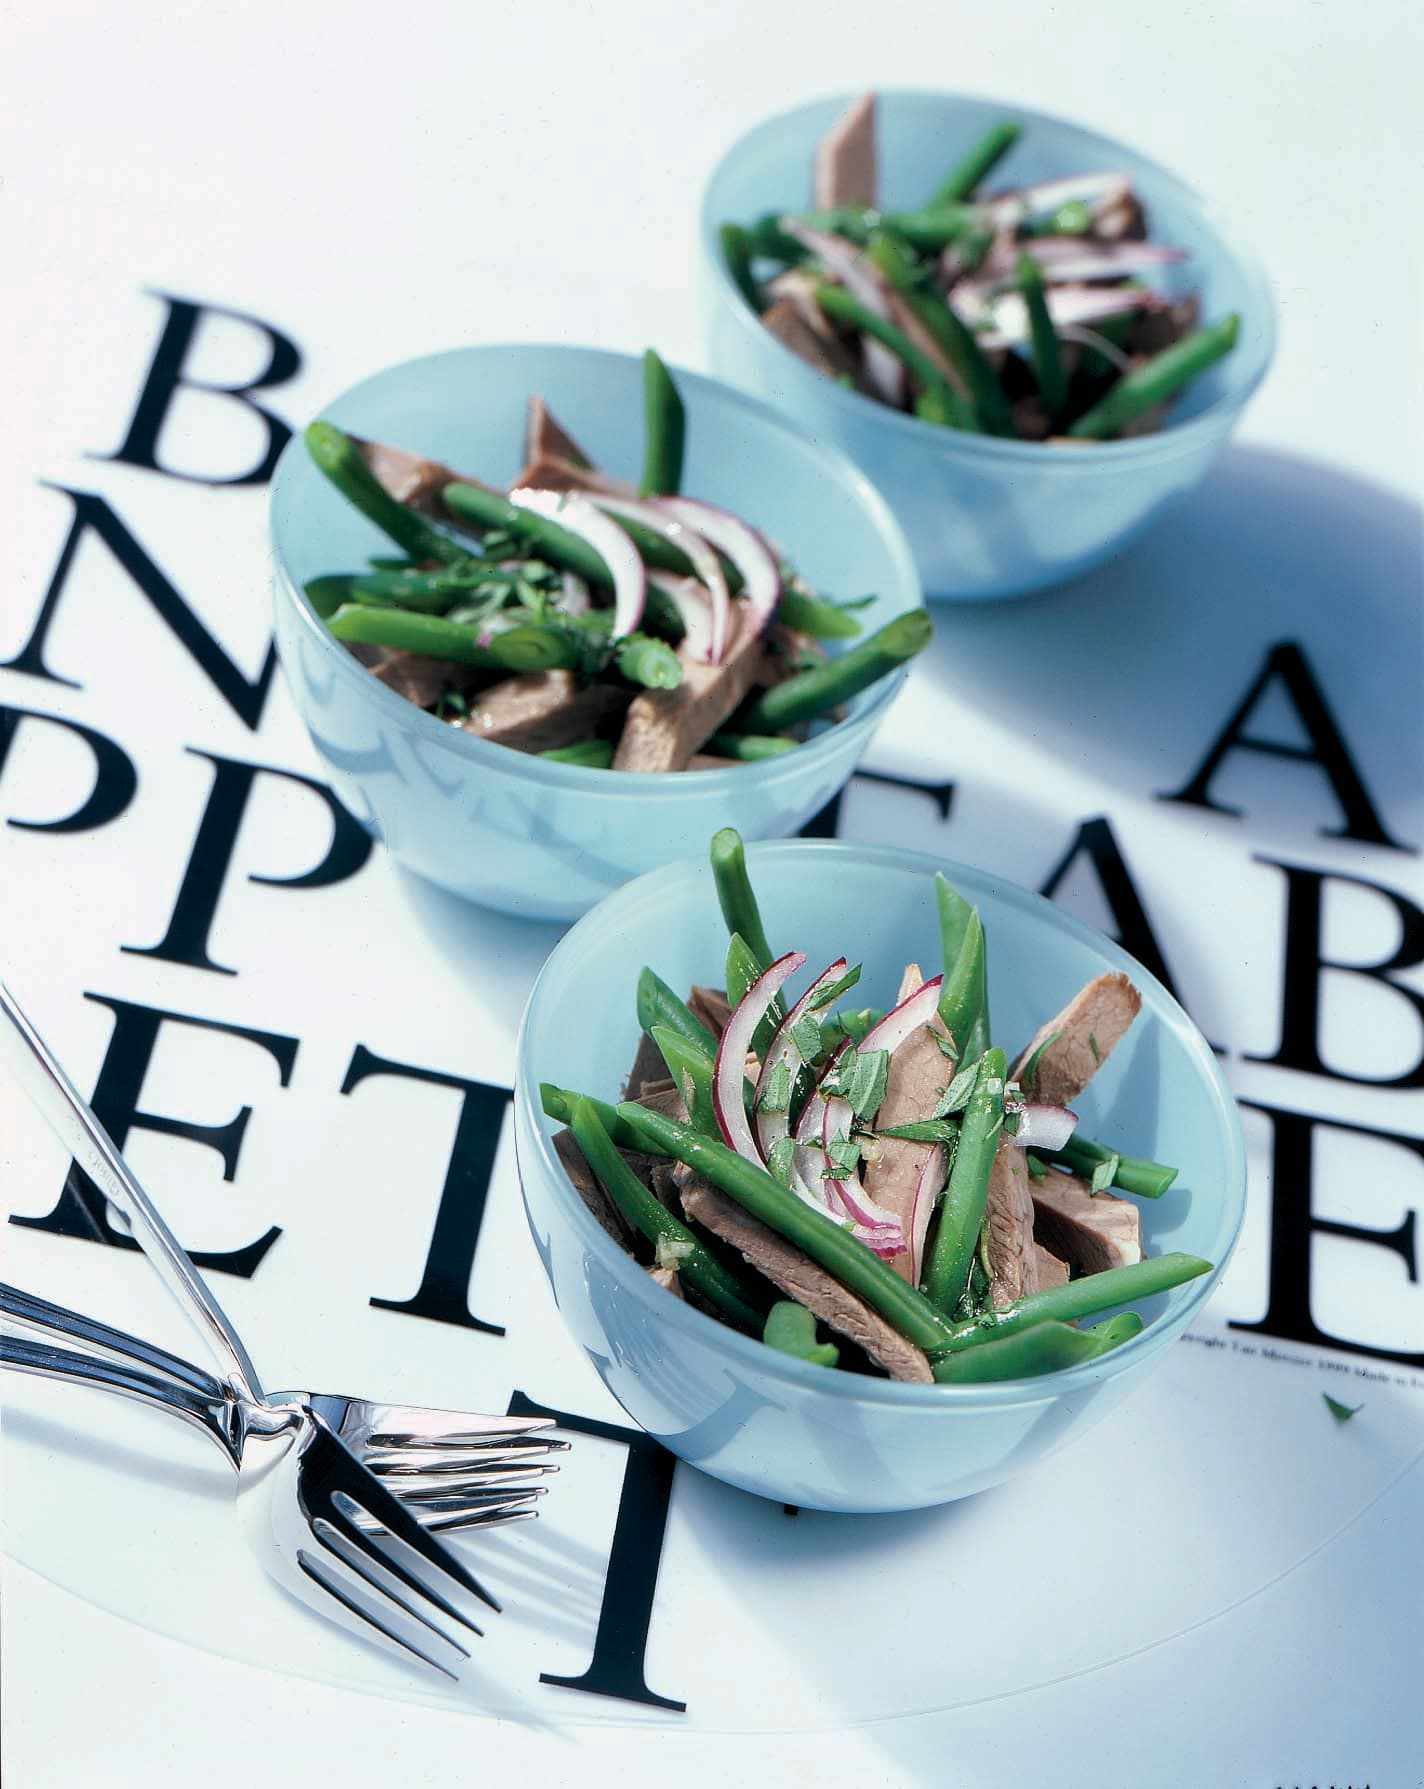 Siedfleischsalat mit Bohnen